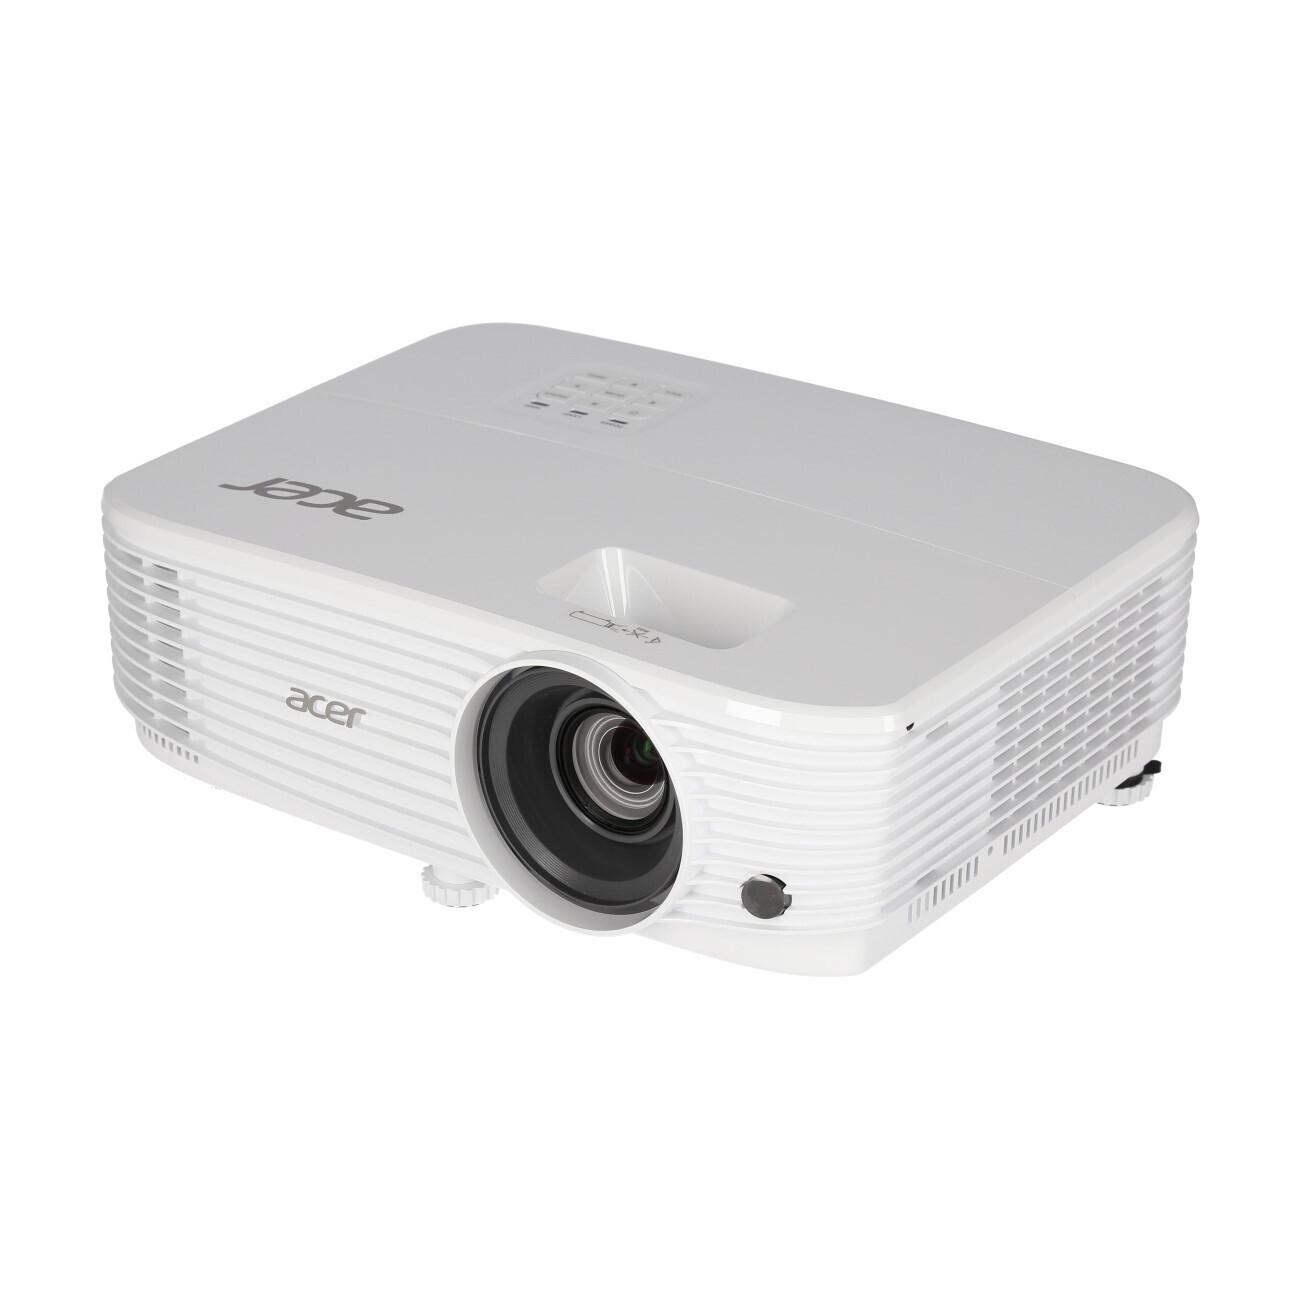 Acer P1350W Business Beamer mit 3700 ANSI-Lumen und WXGA Auflösung